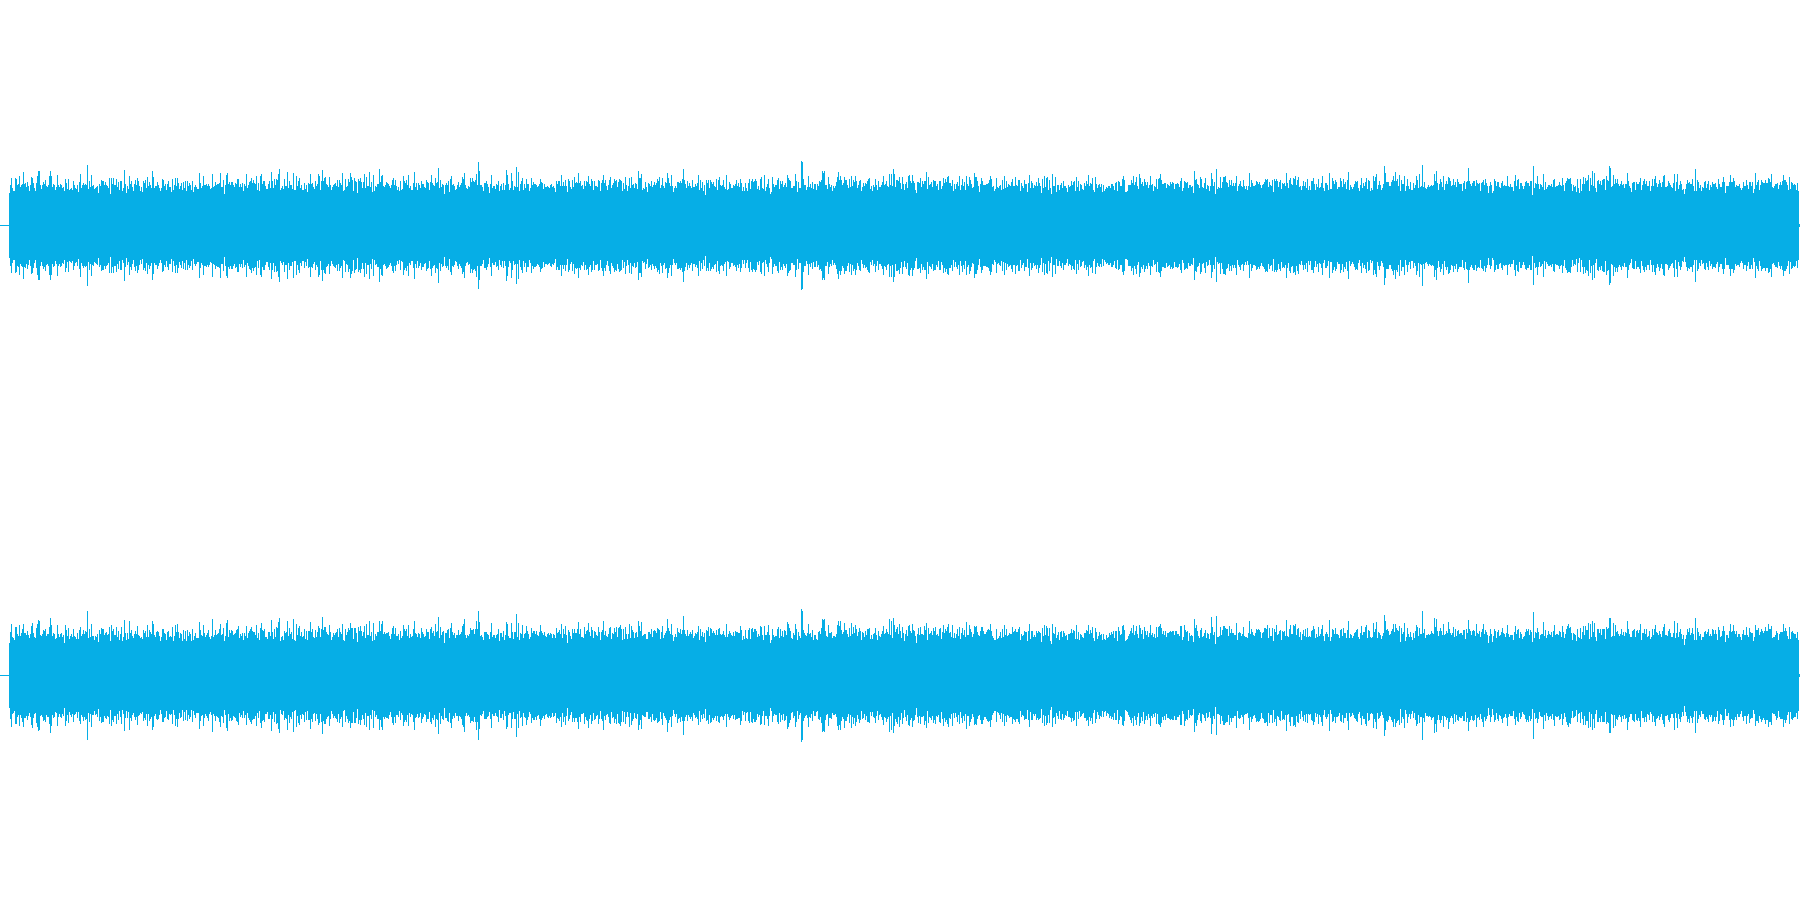 ザー、というノイズ音です。ラジオからサ…の再生済みの波形